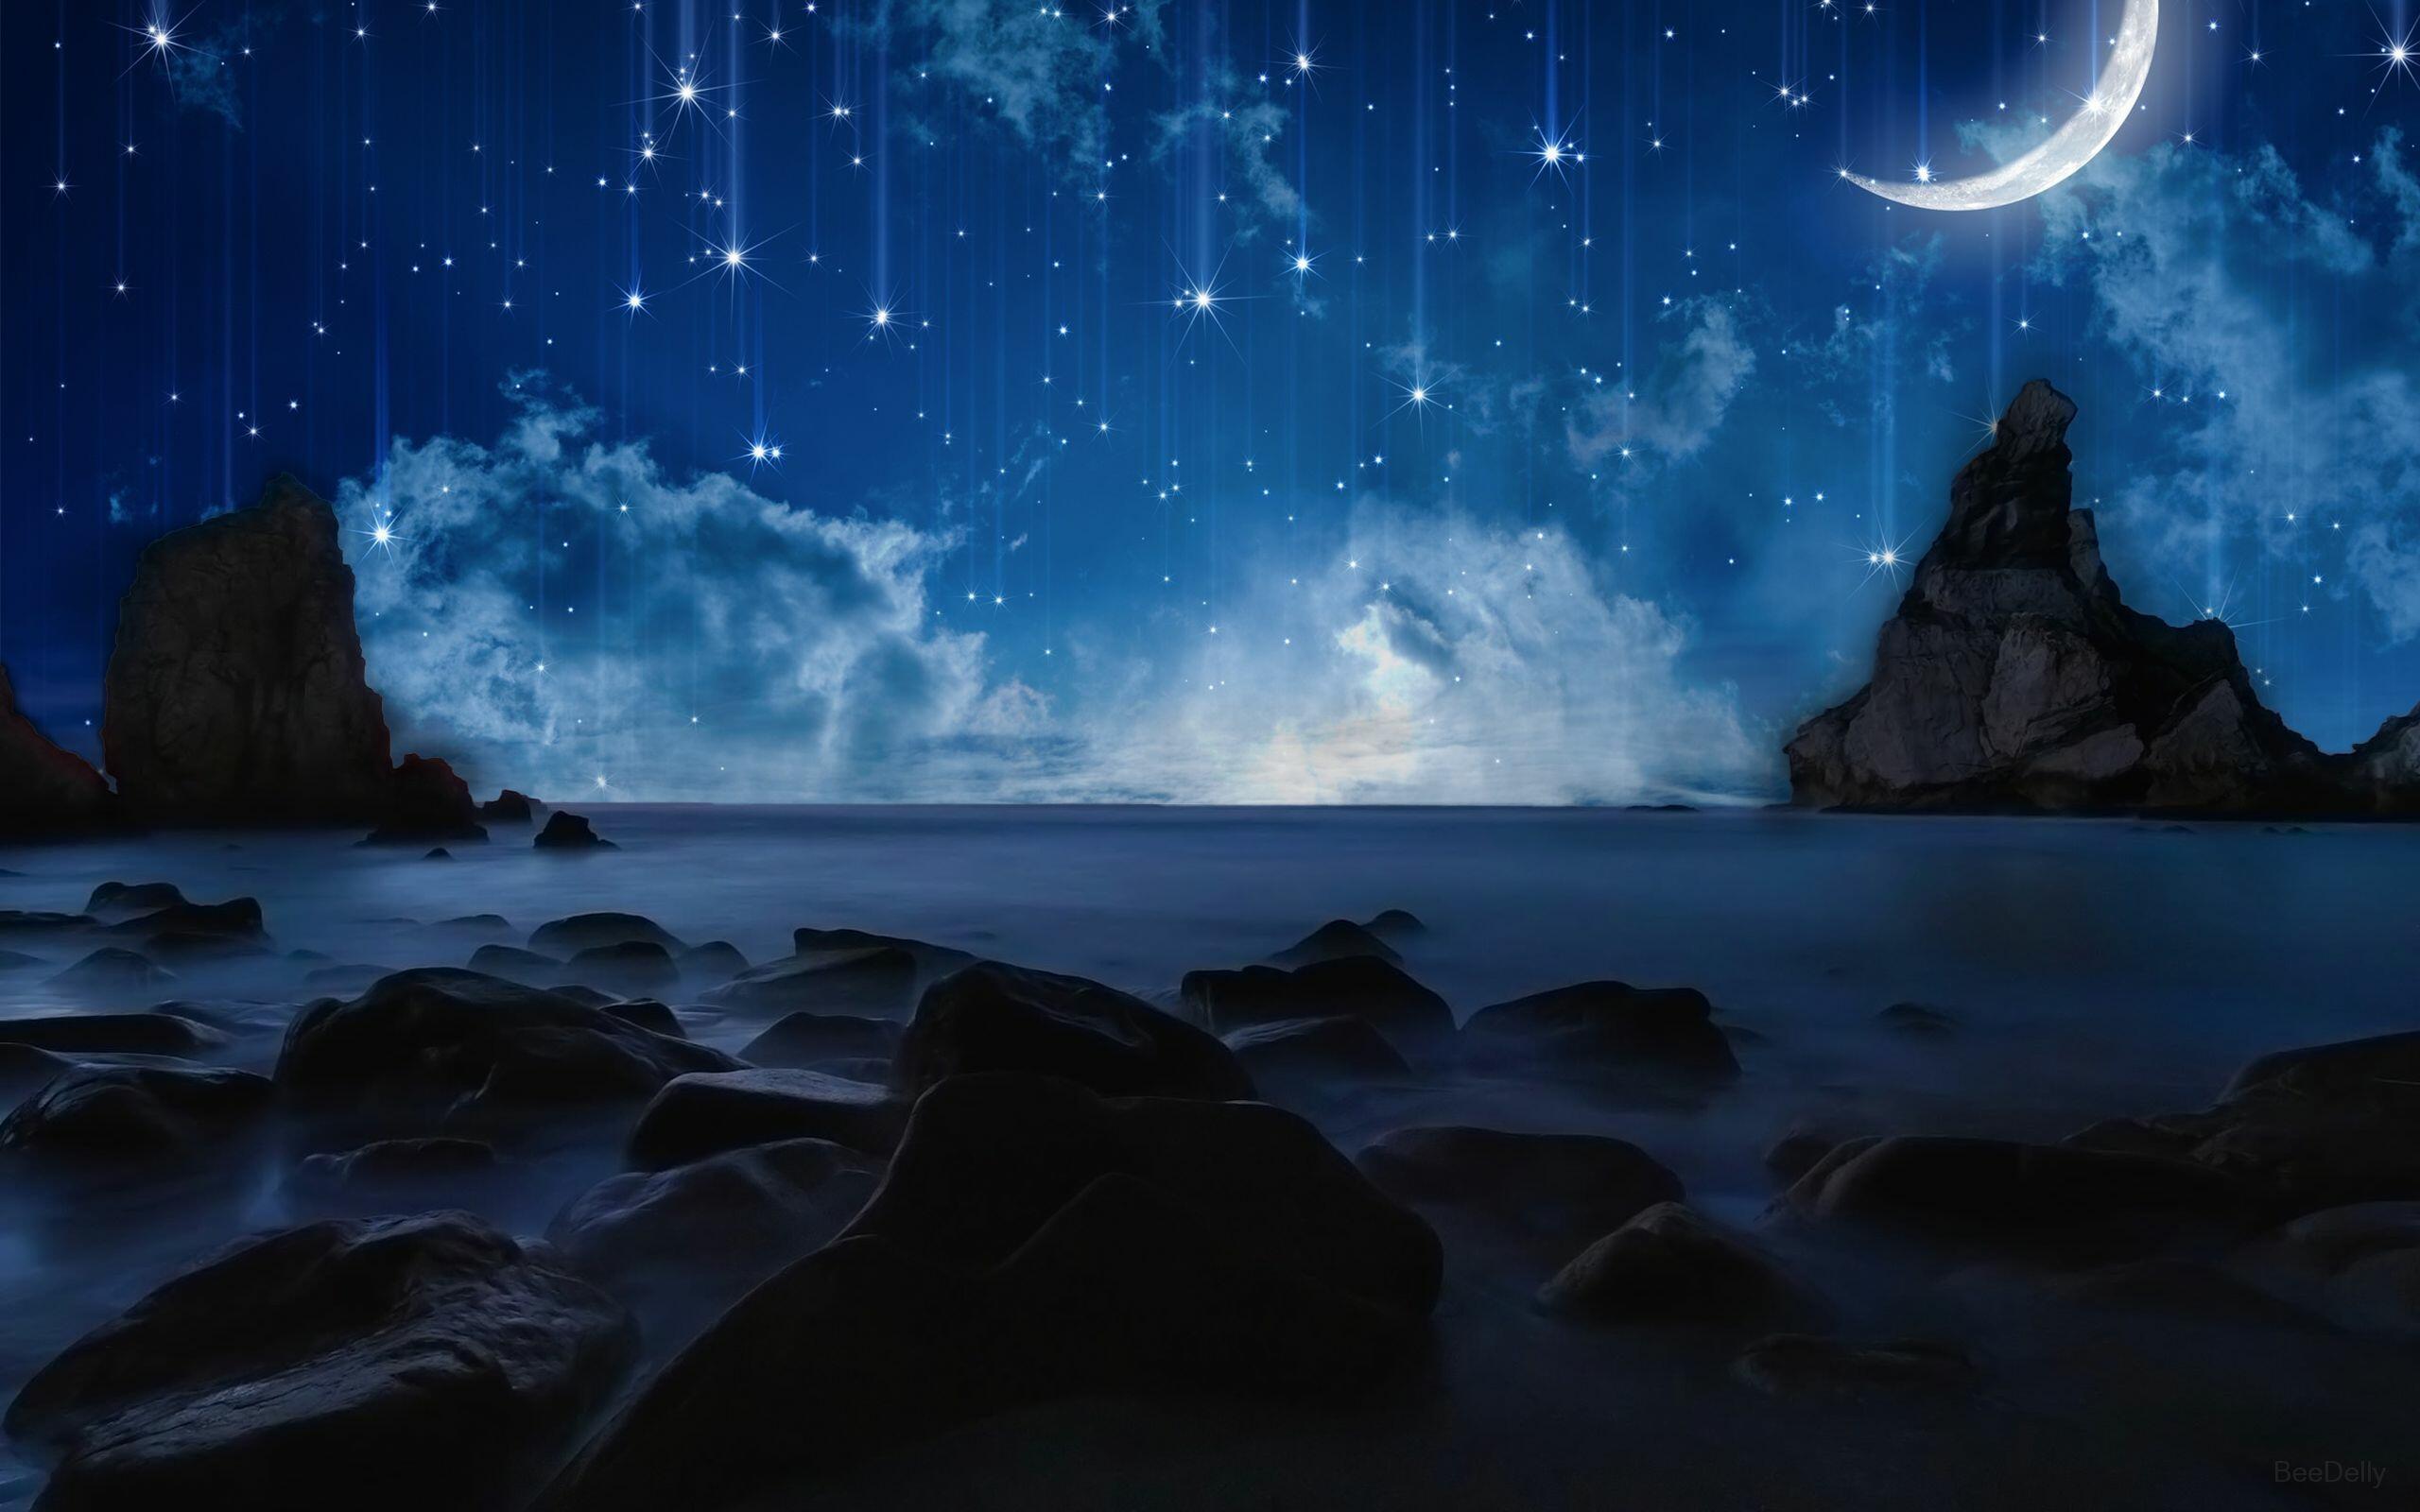 для картинка ночное море и звезды посоветуйте, как